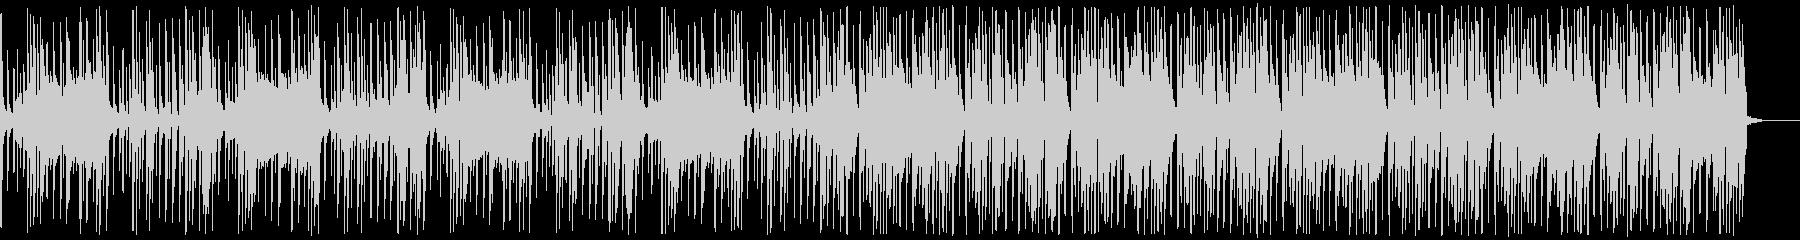 野生の森の中にいるイメージができる曲の未再生の波形